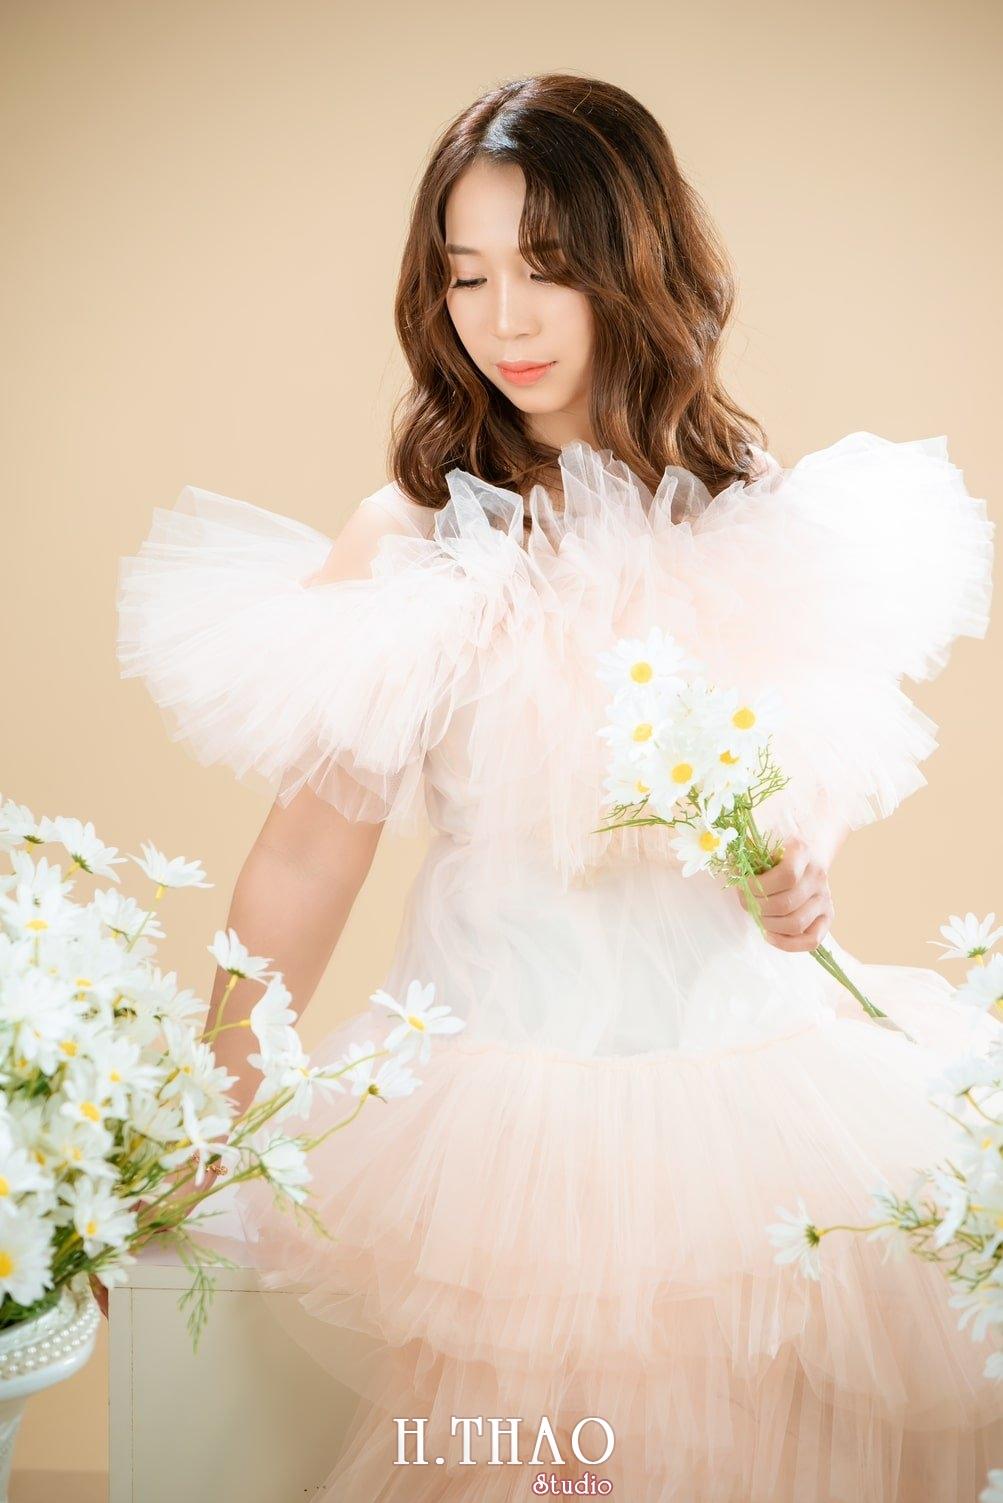 Anh Beauty 8 - Album ảnh beauty bé Sang đẹp nhẹ nhàng - HThao Studio